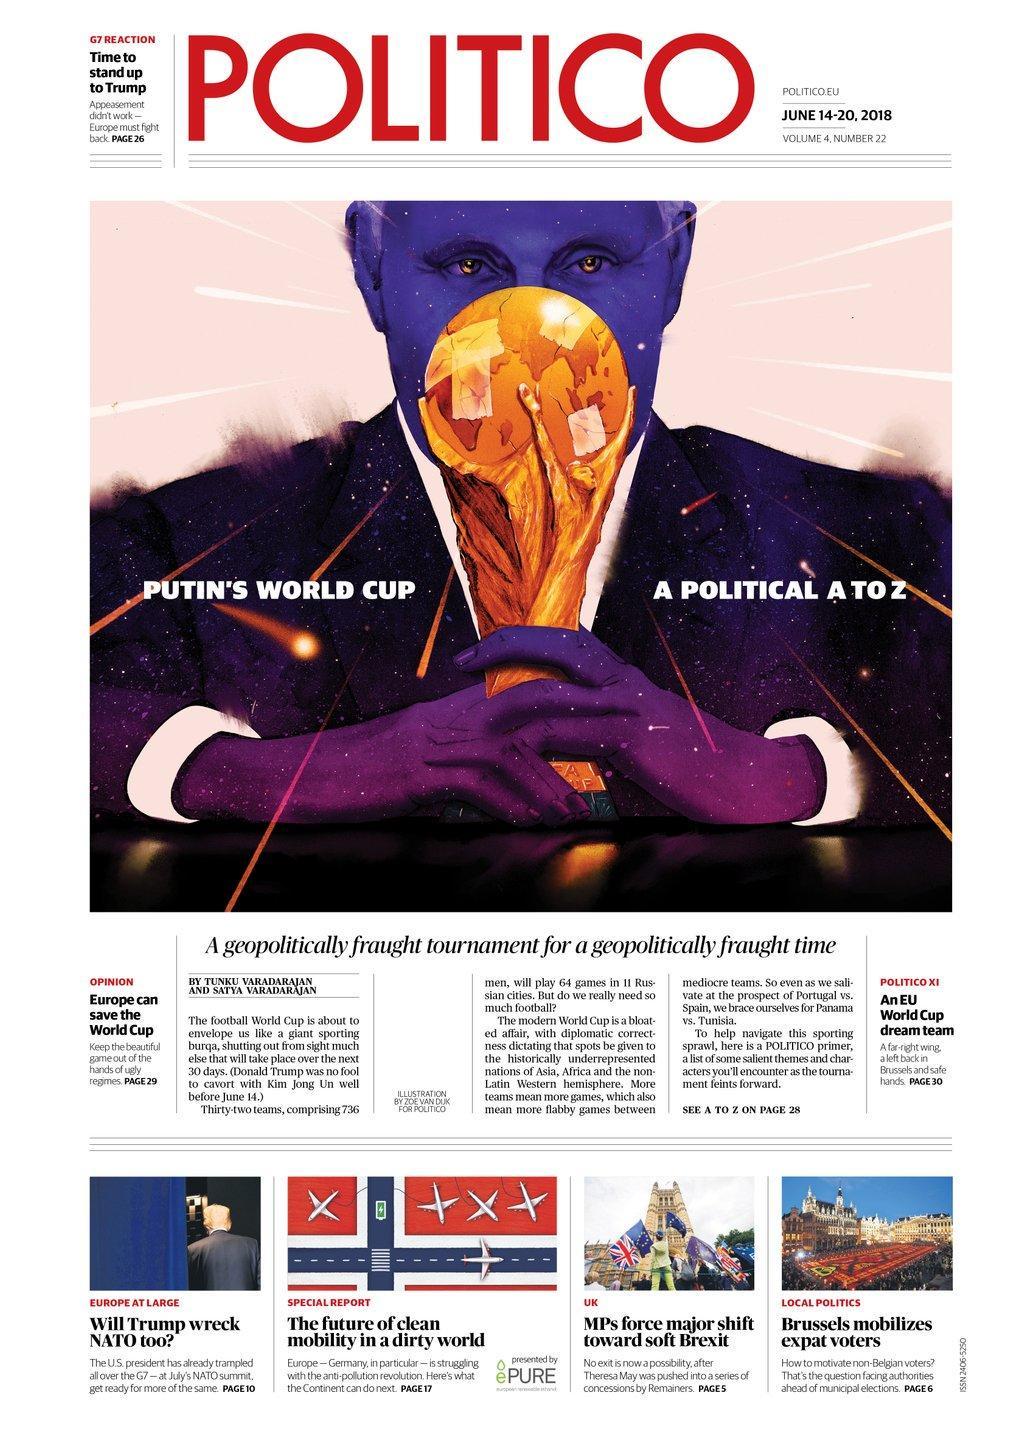 PUB LM.GEOPOL DAILY - Pub geopol du  sport (2018 10 07) FR 5